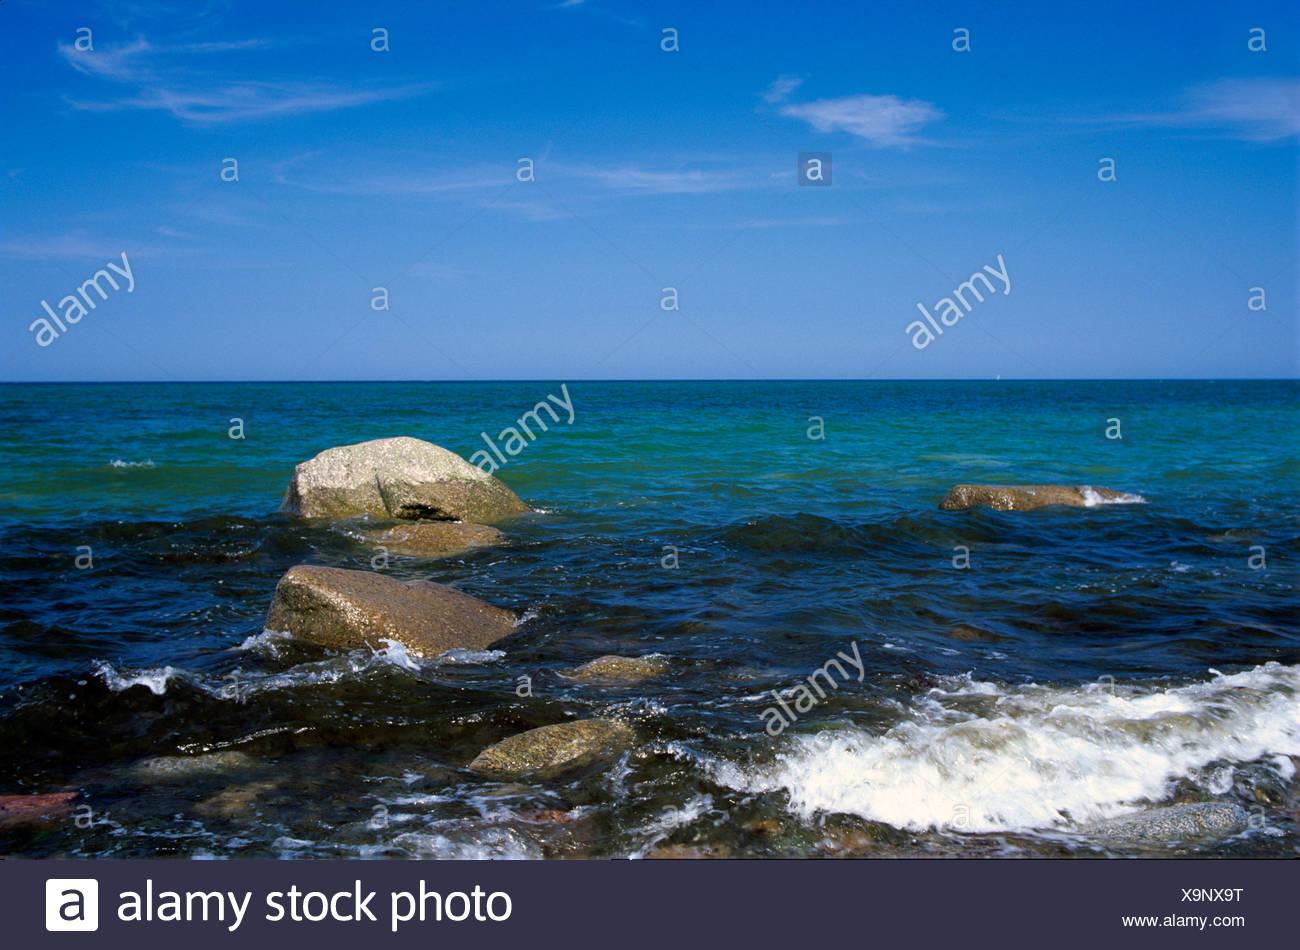 Felsen in der Brandung, Ostsee, Rügen-Insel, Mecklenburg-Western Pomerania, Deutschland, Europa Stockbild